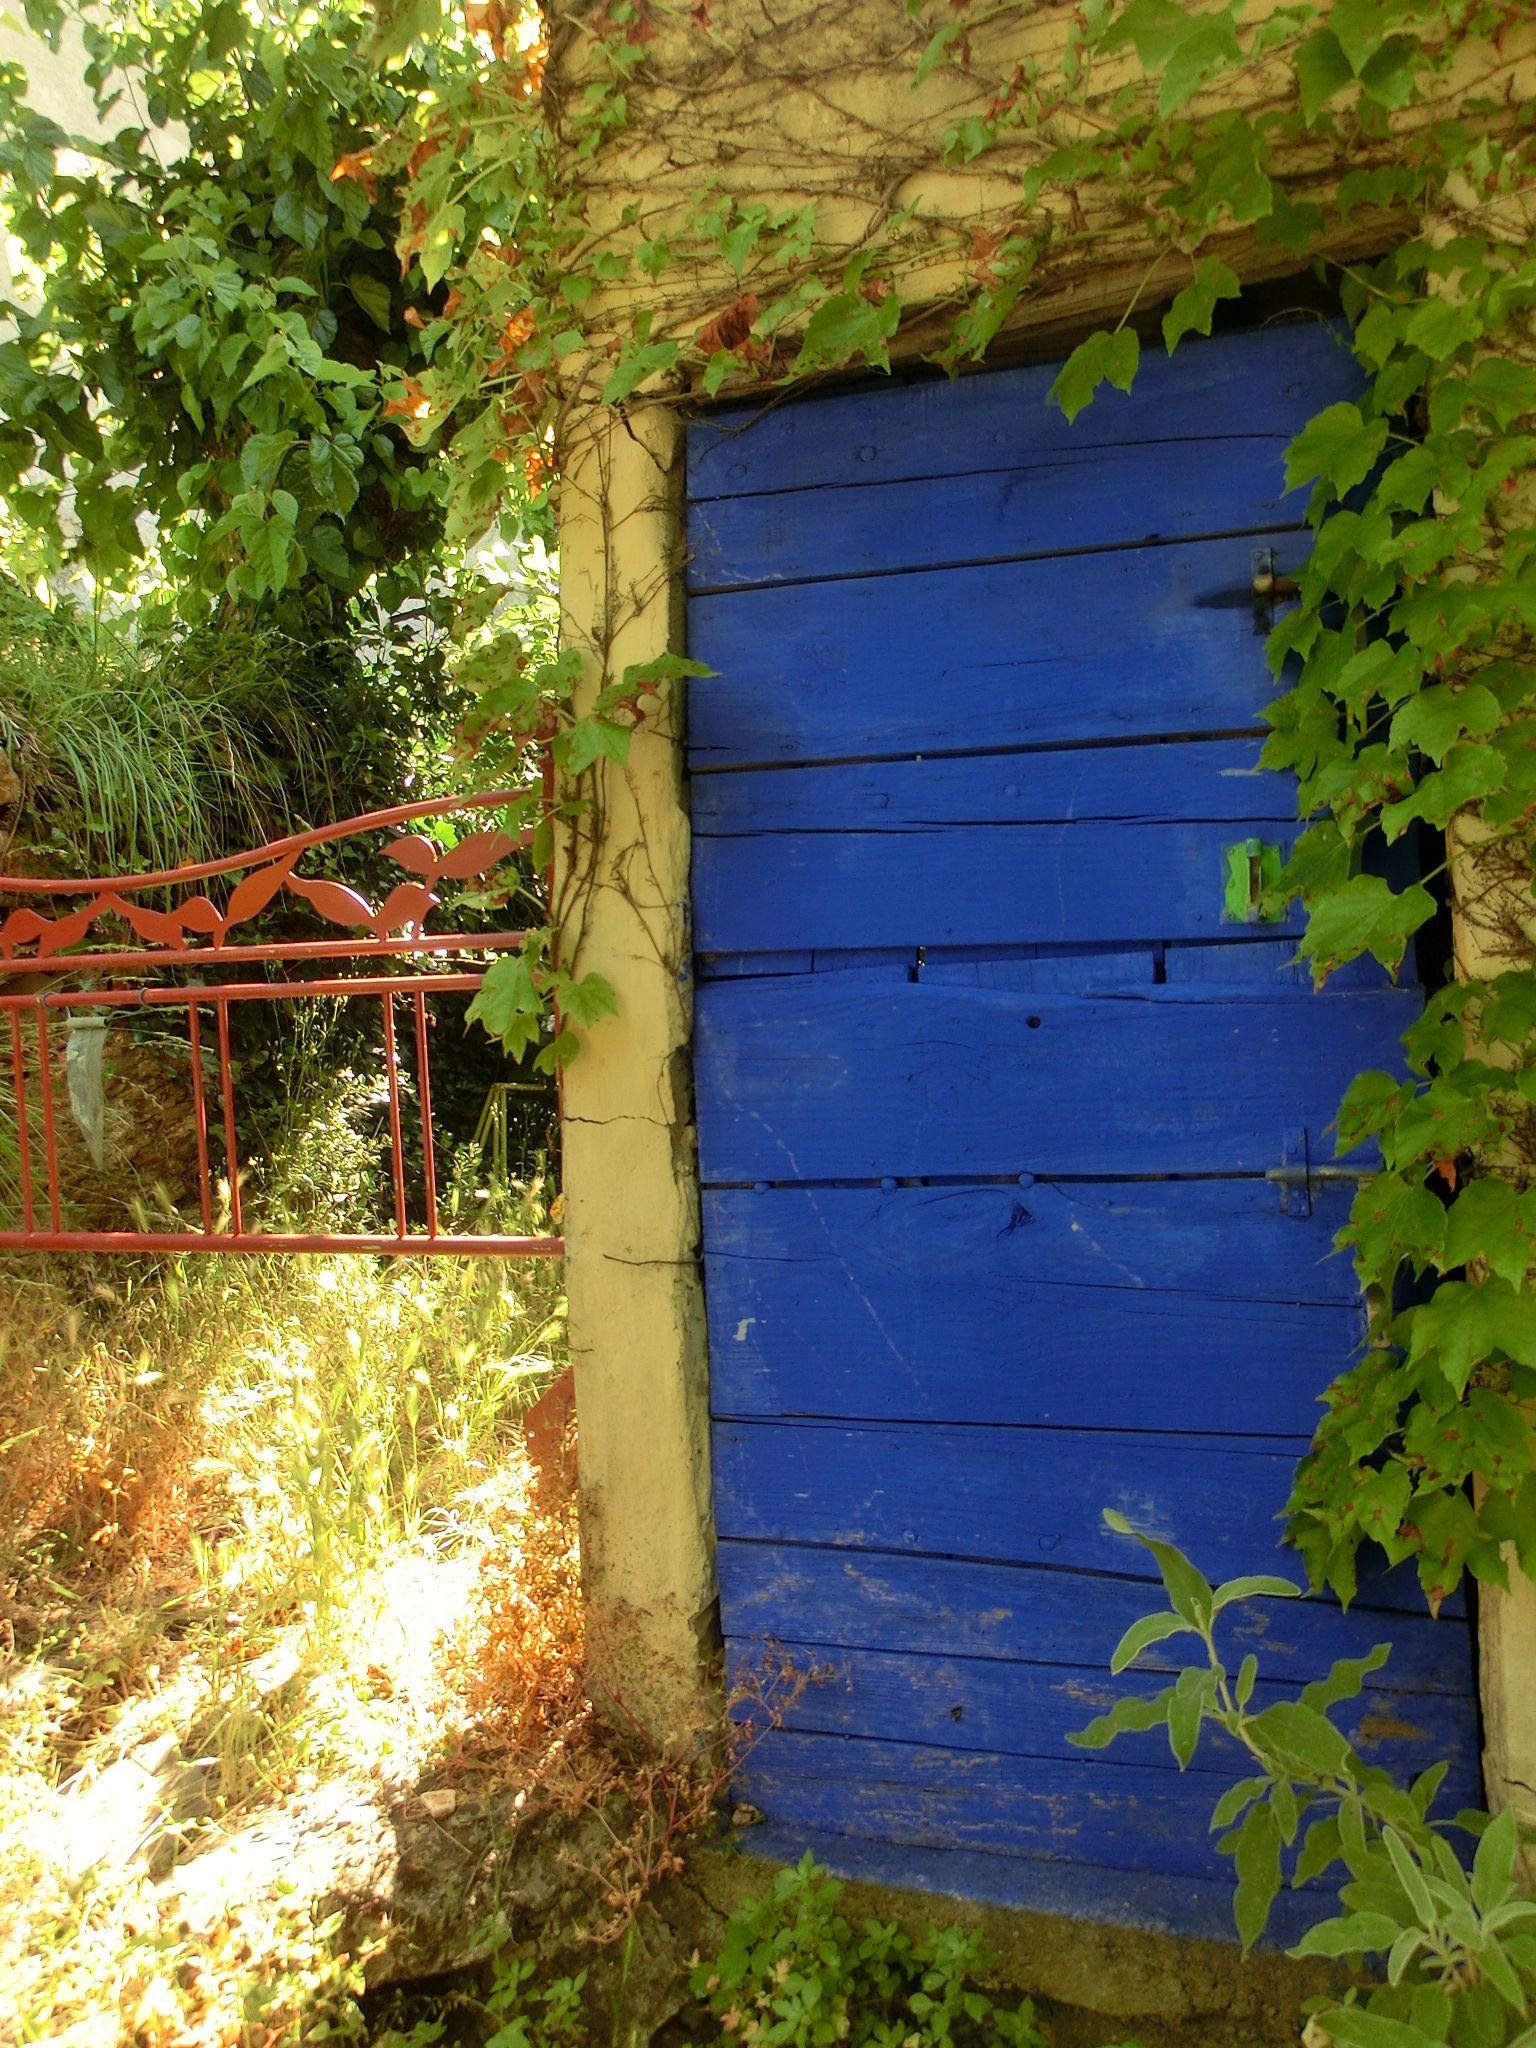 Porte bleue jardin des sambucs Cévennes France